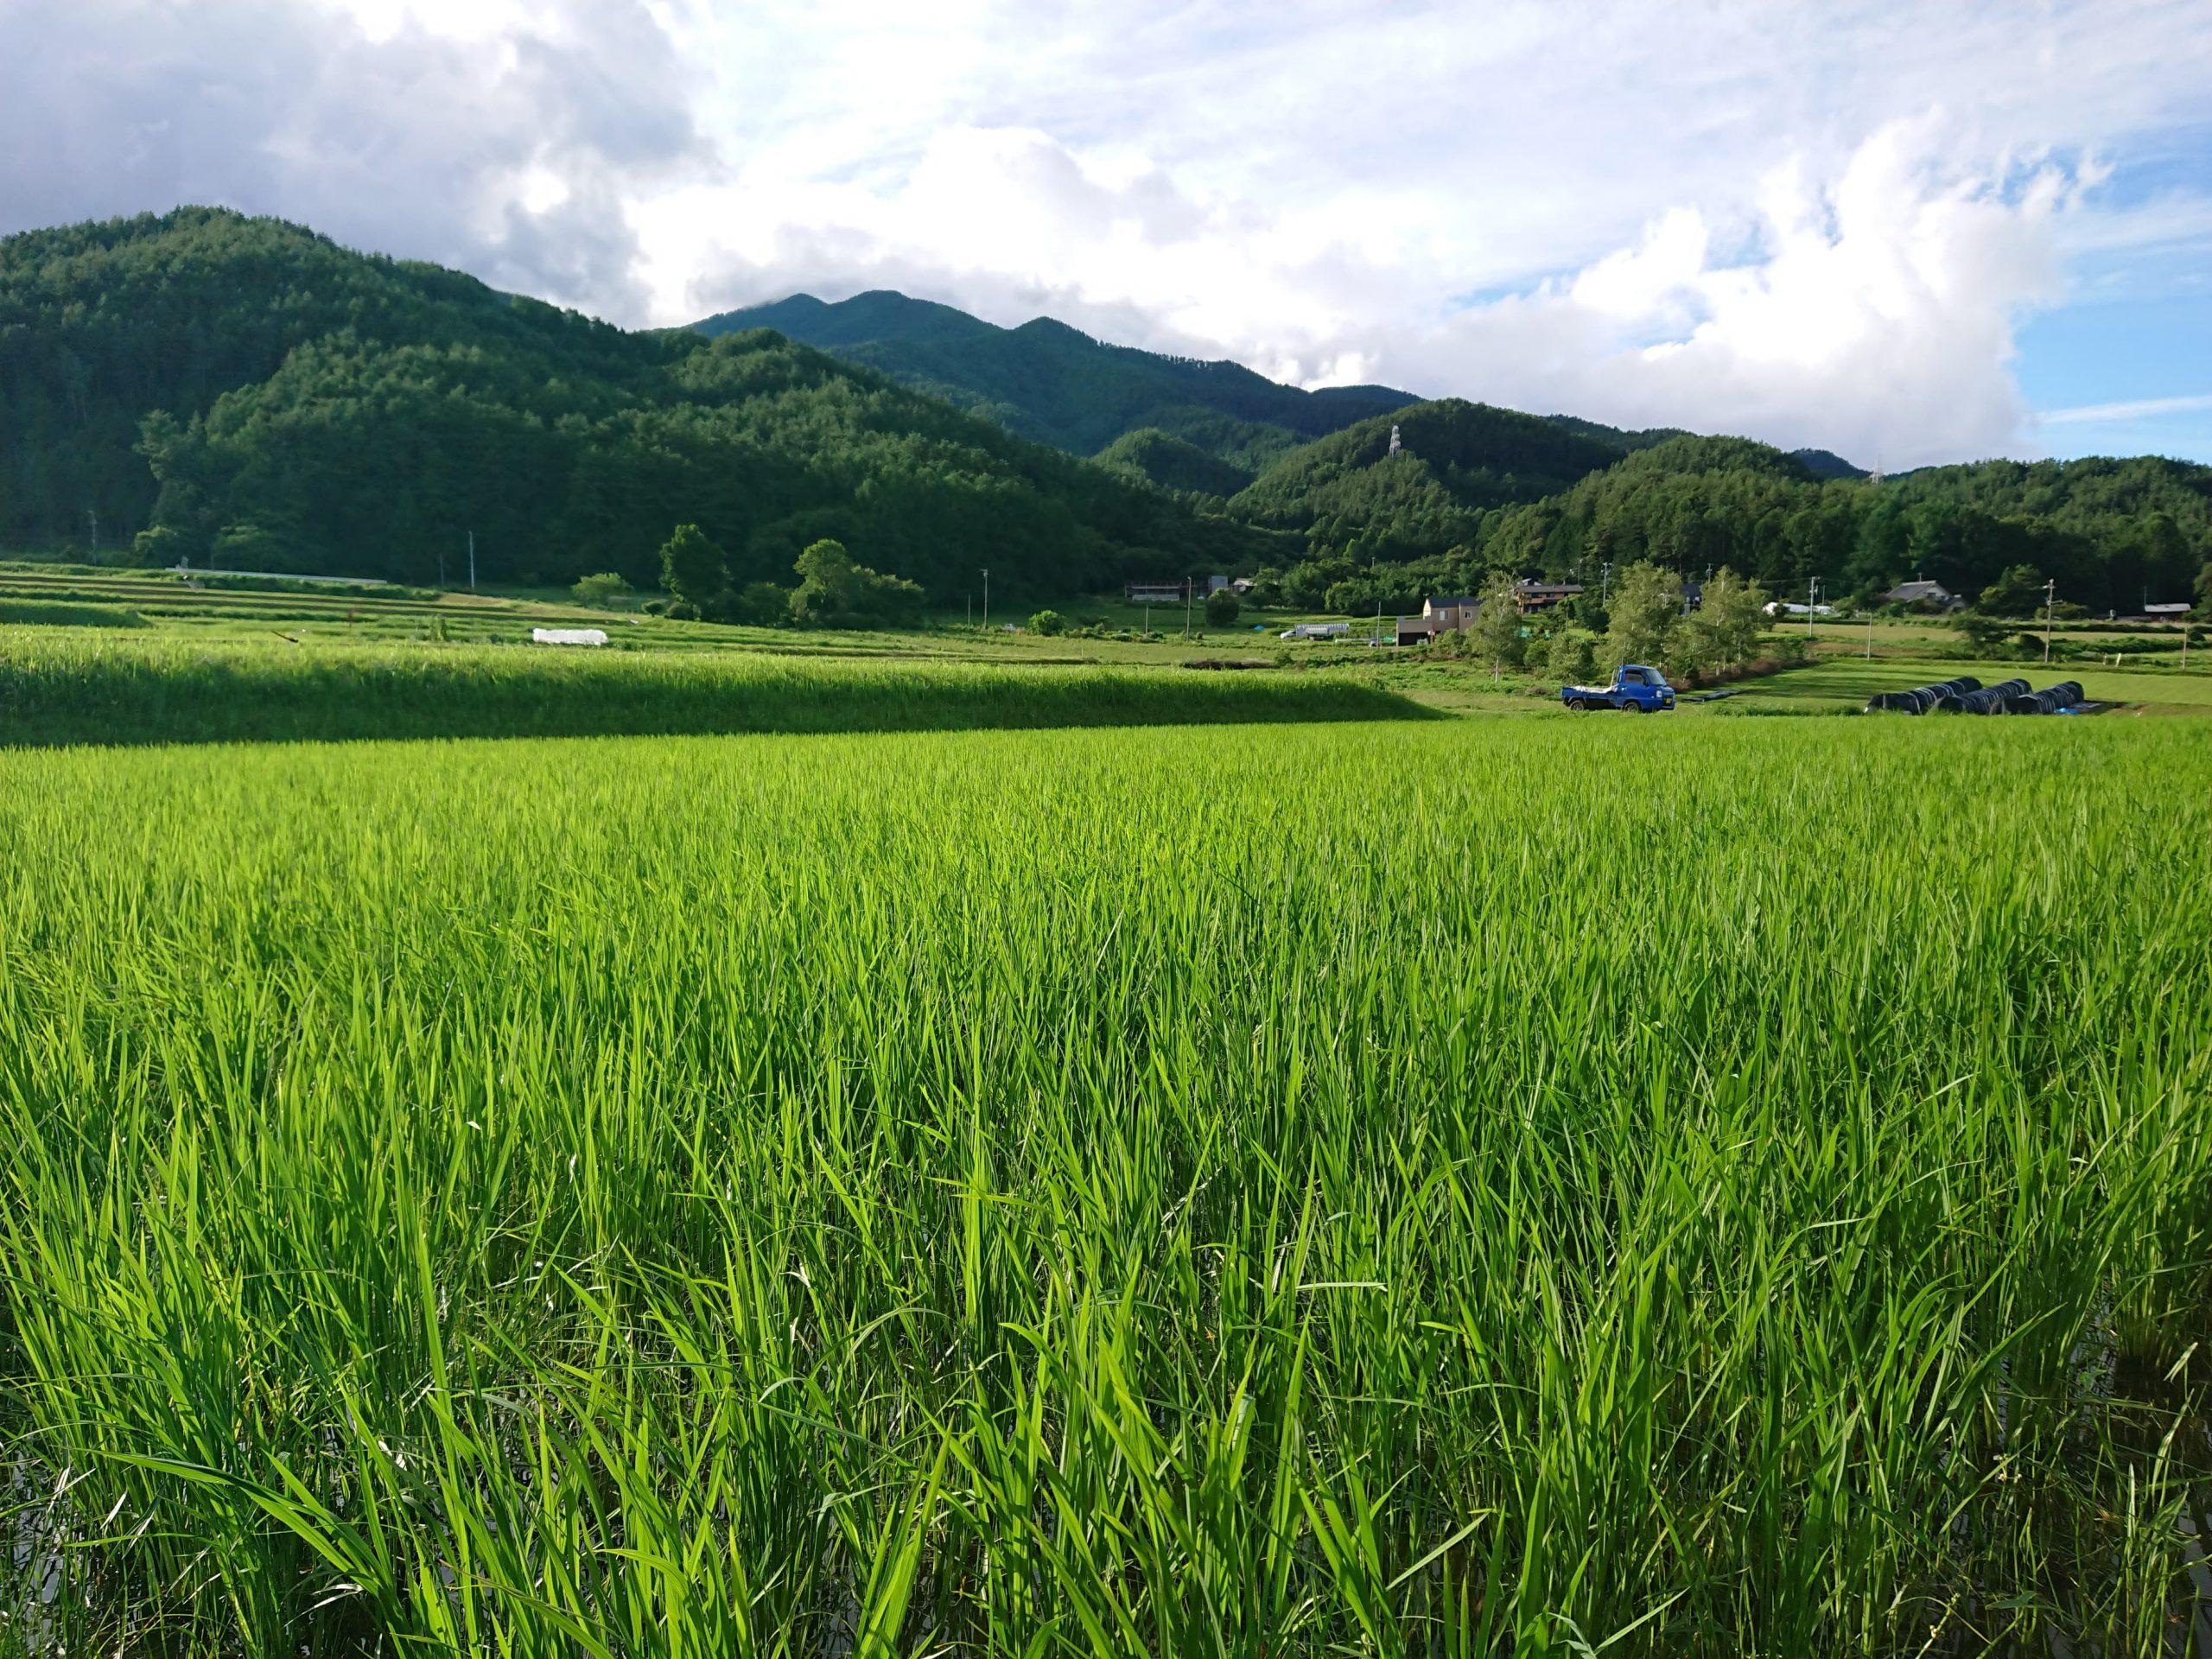 野菜:momoGファーム (長野県南箕輪村)